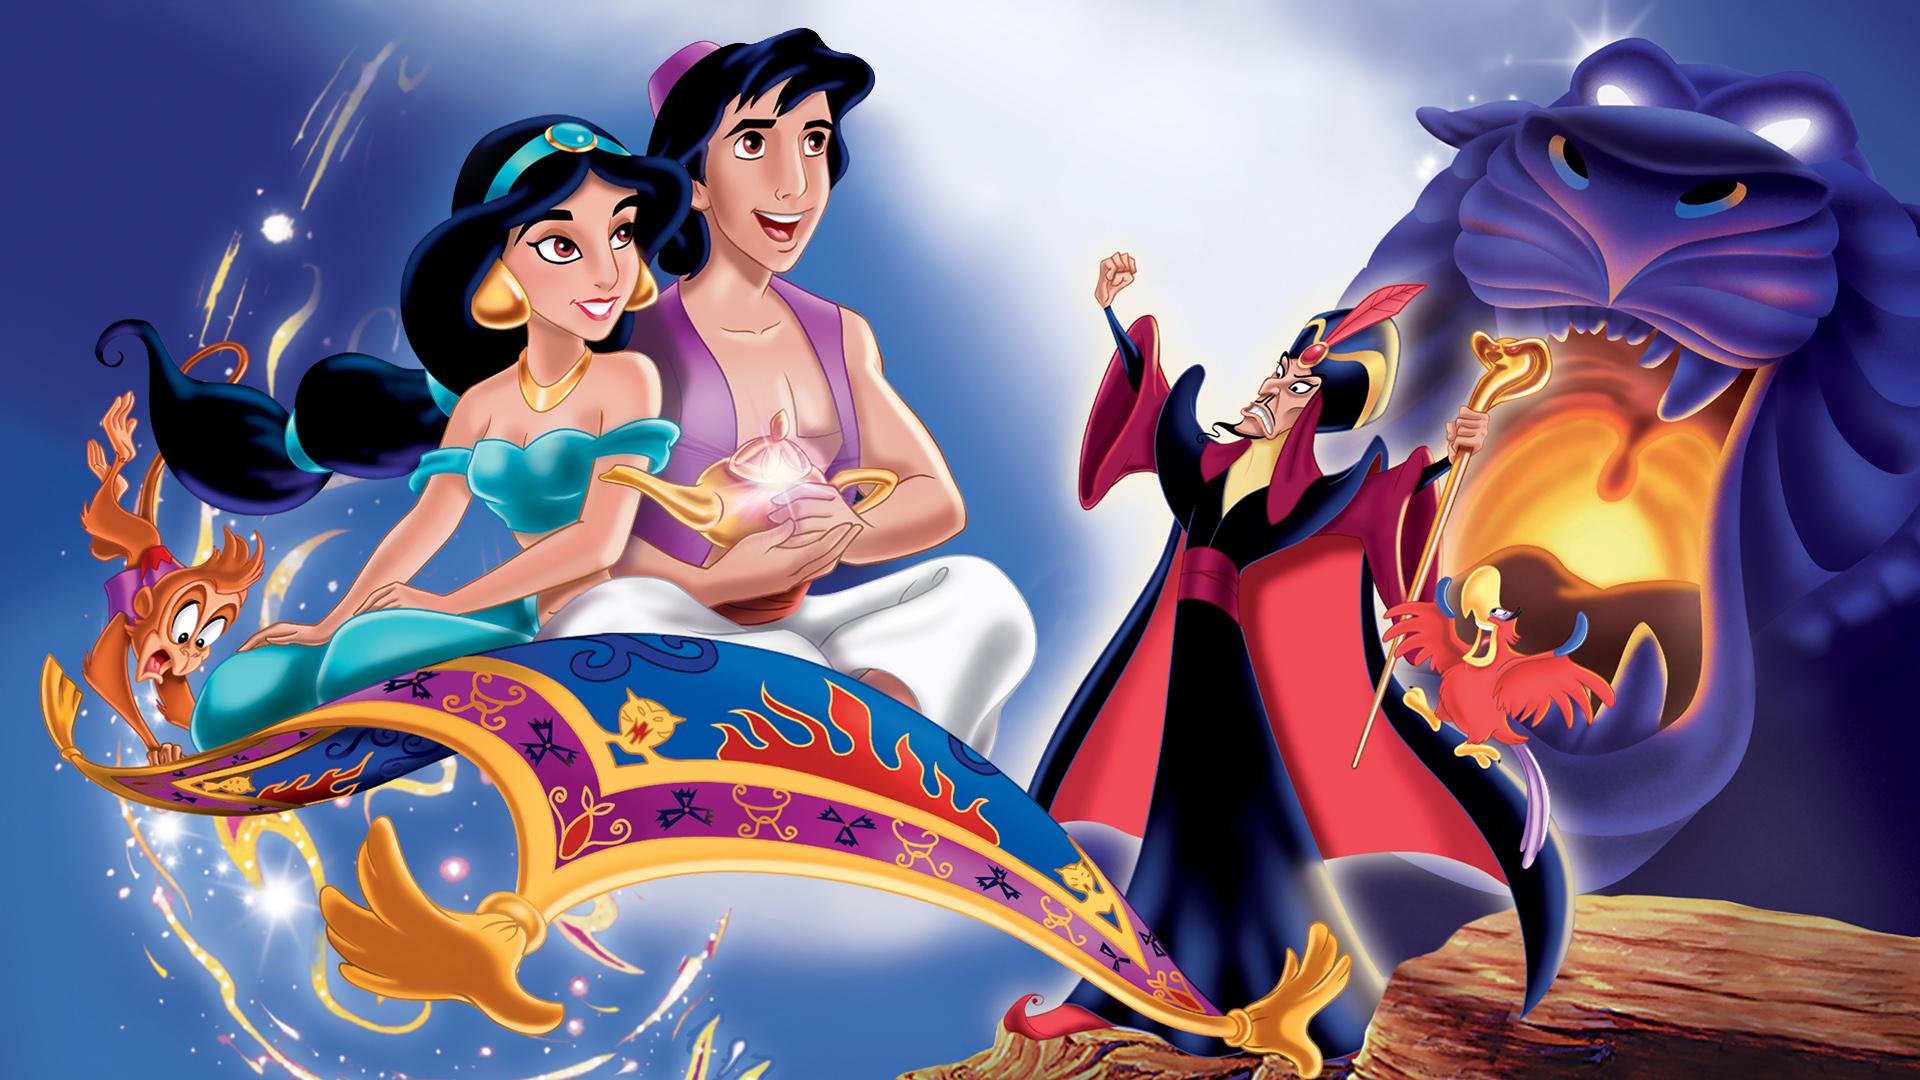 画像 ディズニー アラジン Aladdin Pcデスクトップ壁紙